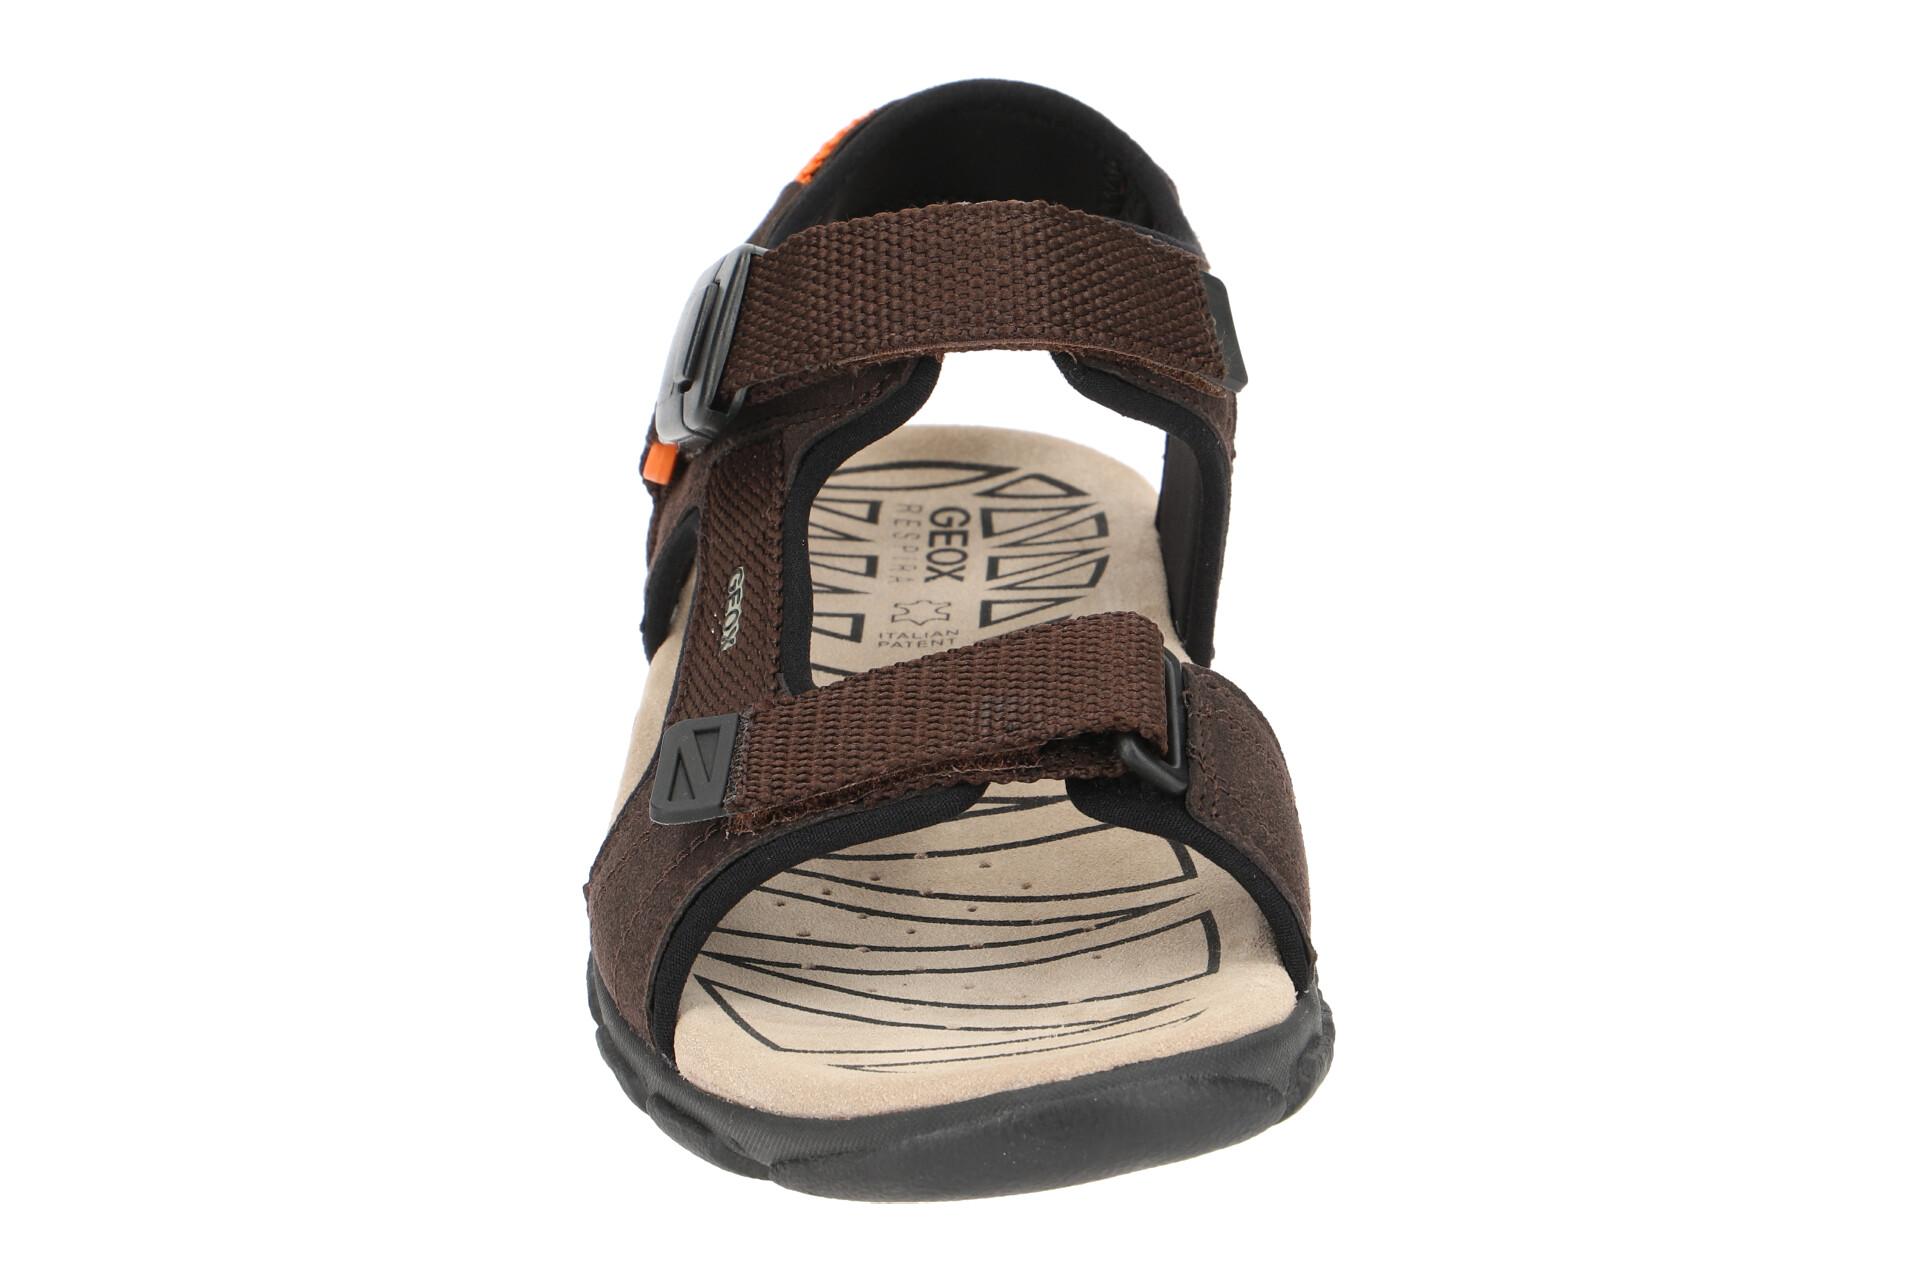 U9224b strada Geox Herren Sandale Details Neu C0607 Schuhe Braun Sandaletten Zu S 000af 1clTFKJ3u5